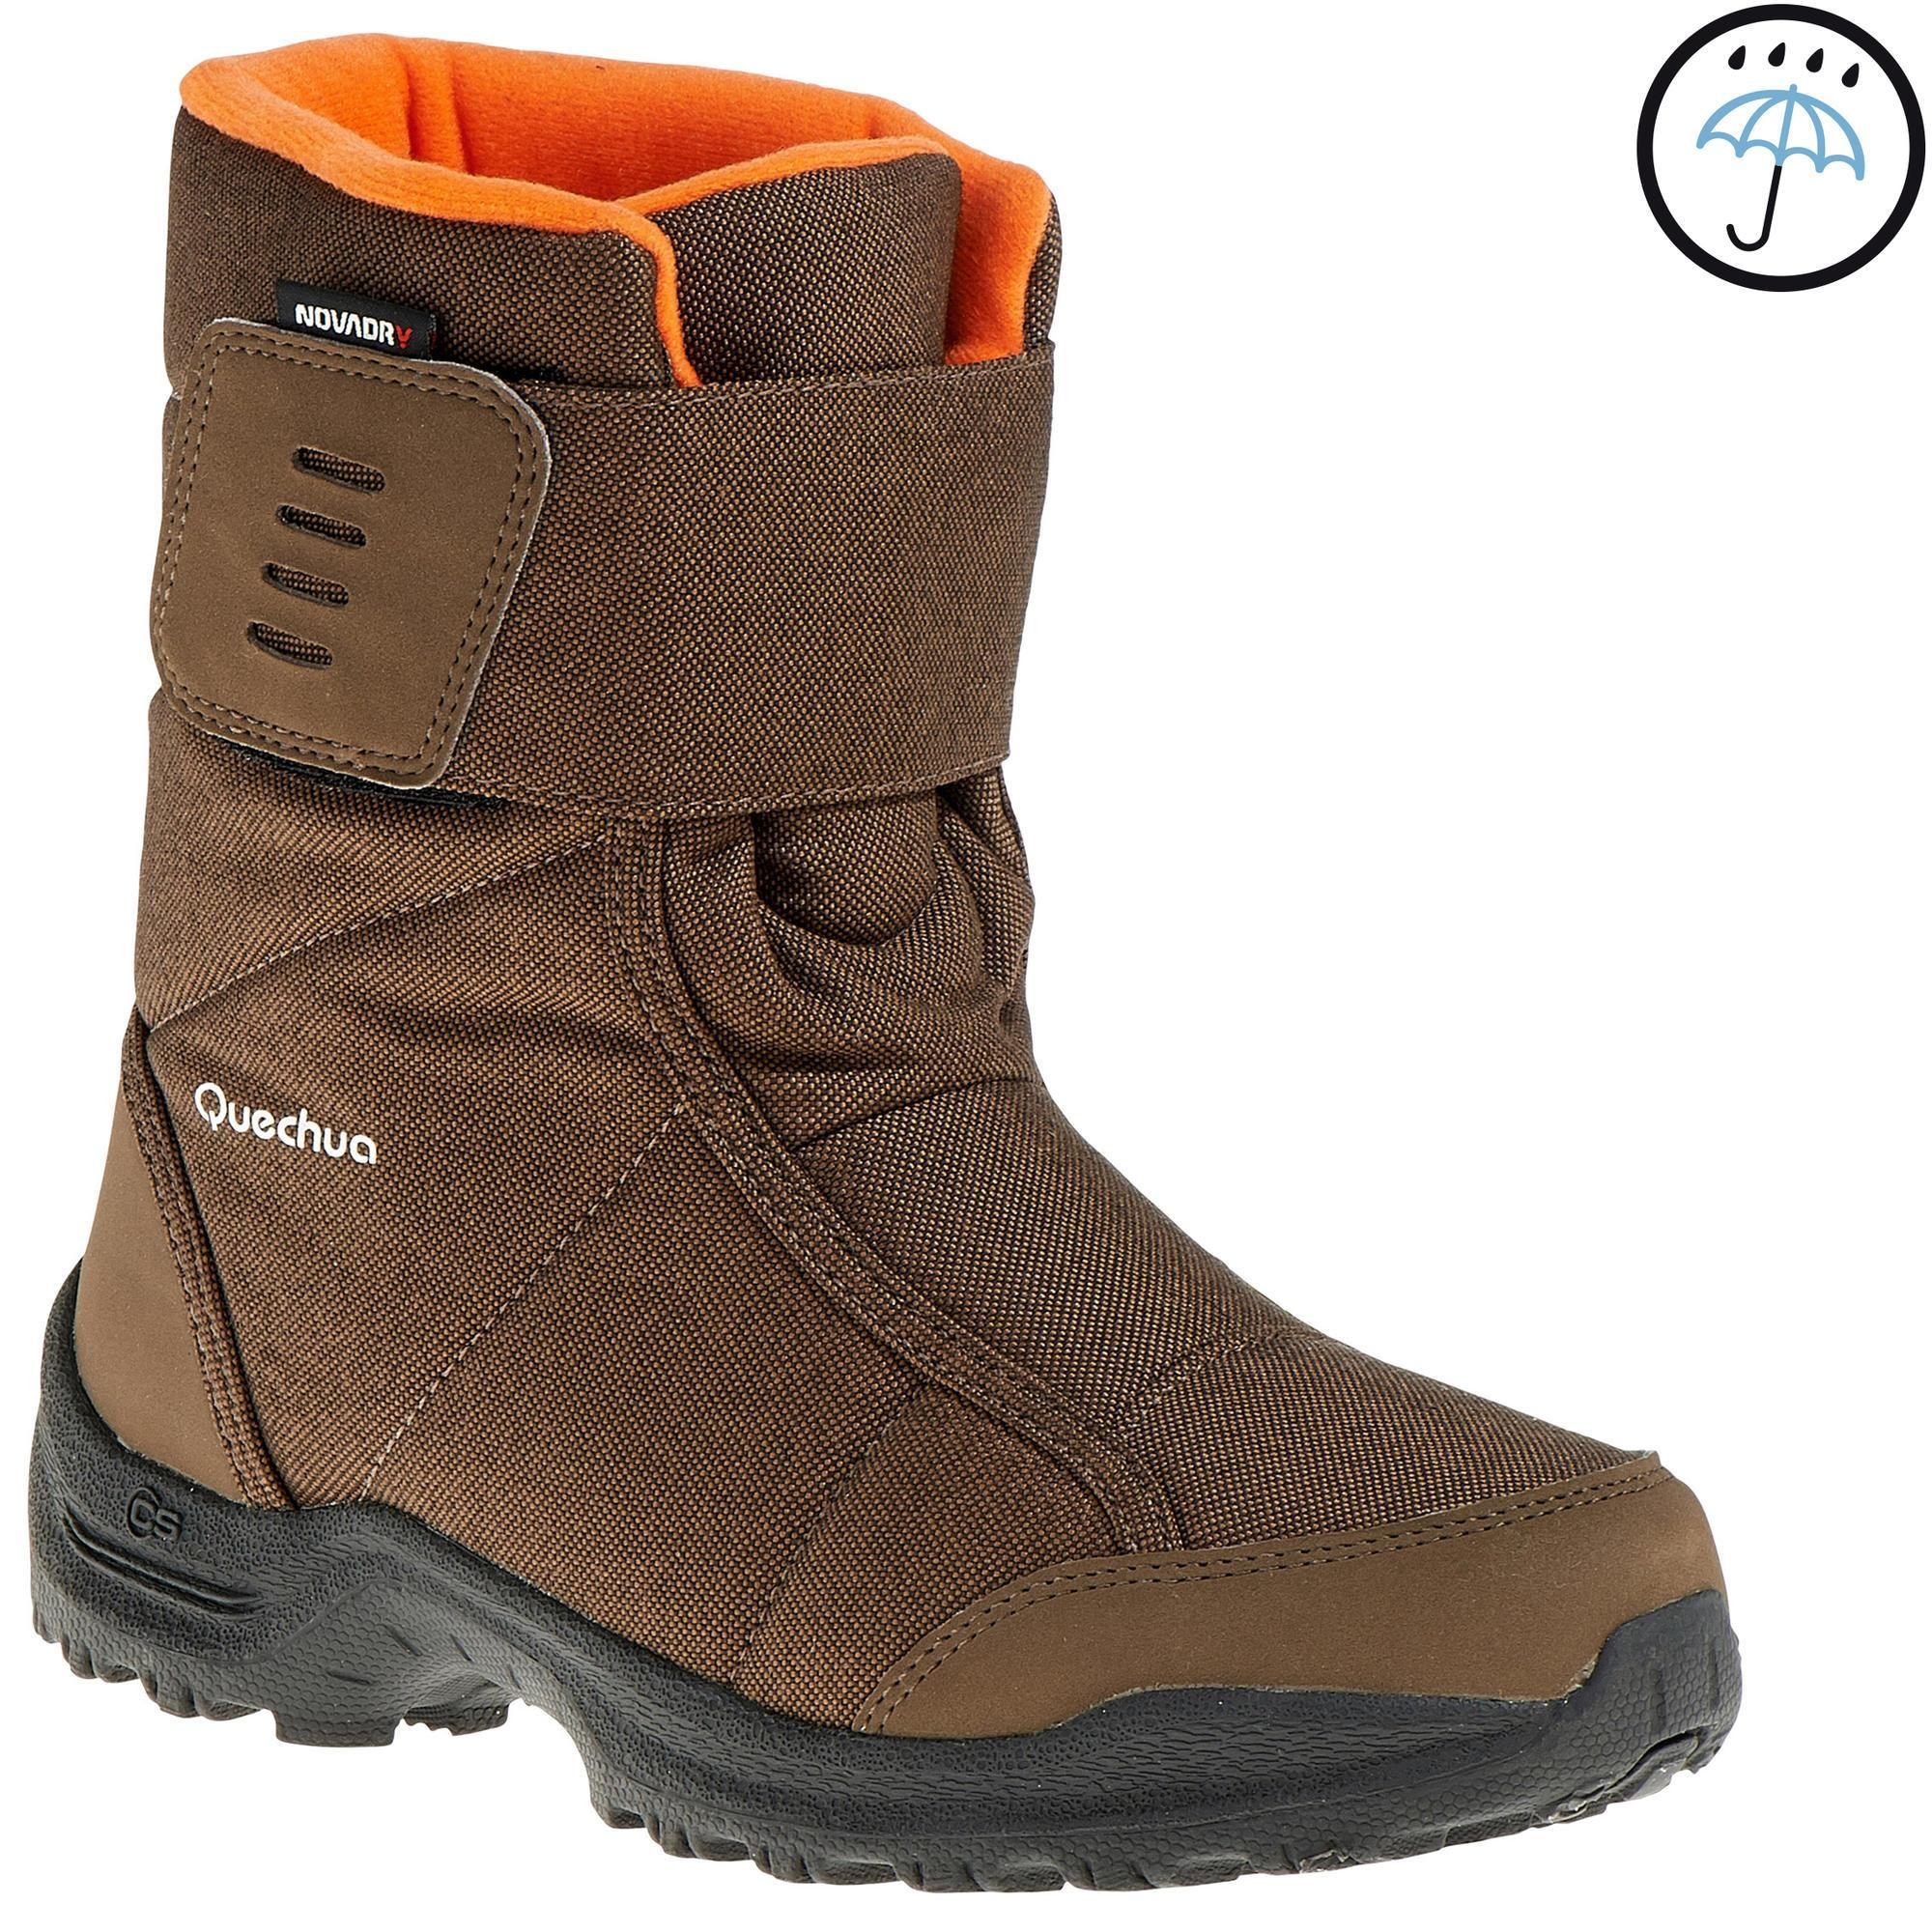 Chaussures quechua novadry - Botte enfant decathlon ...